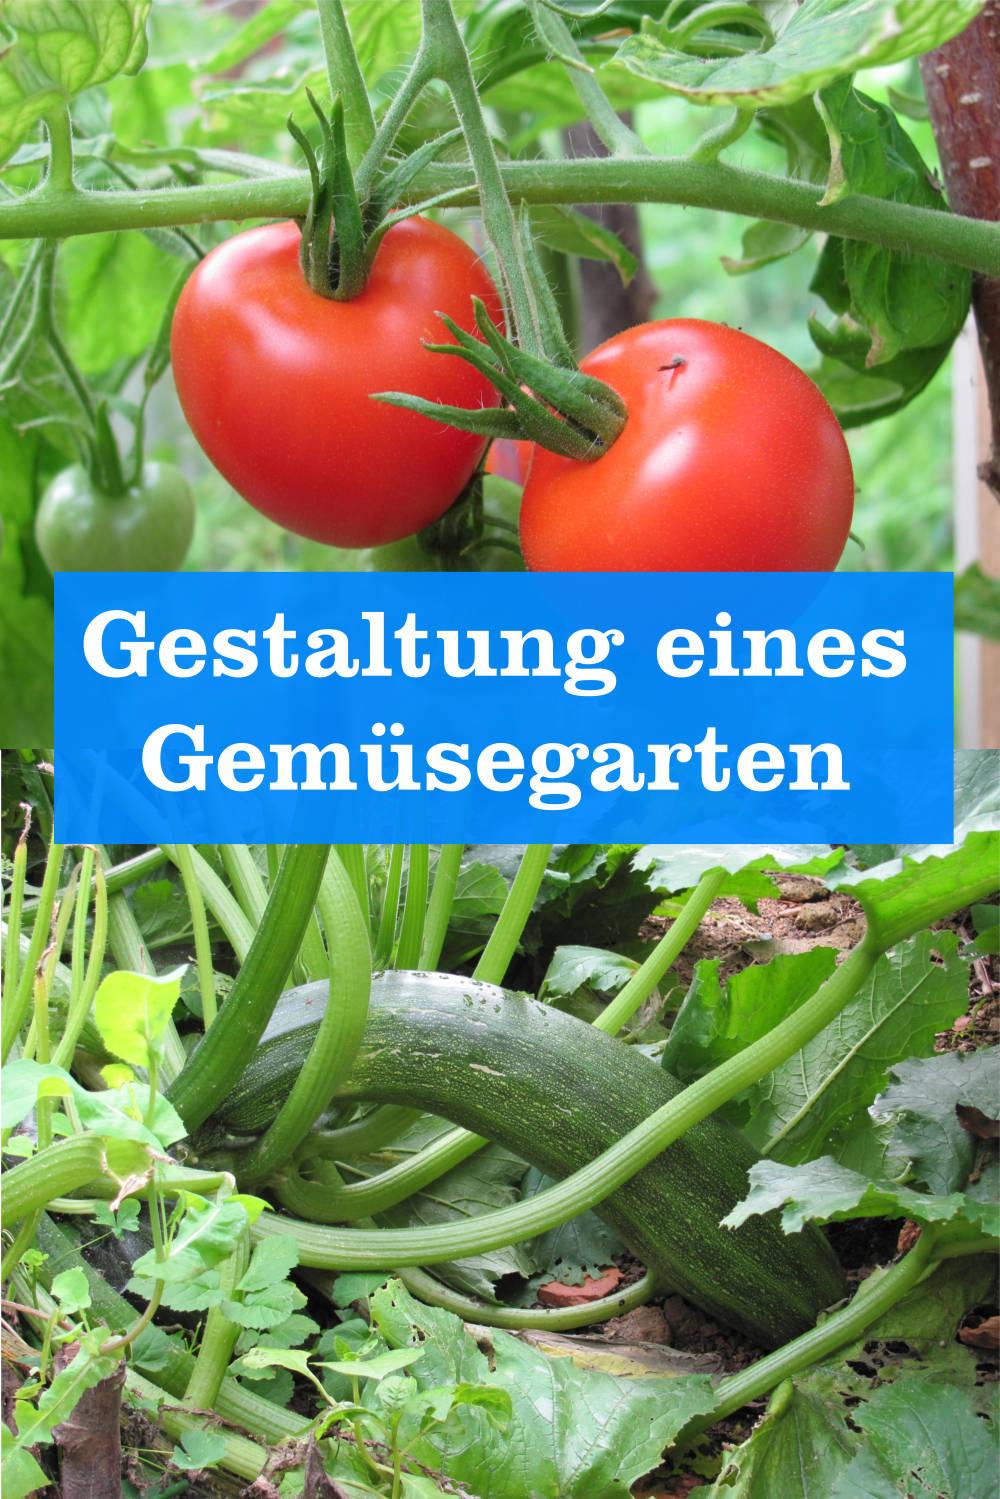 Gestaltung Gemüsegarten